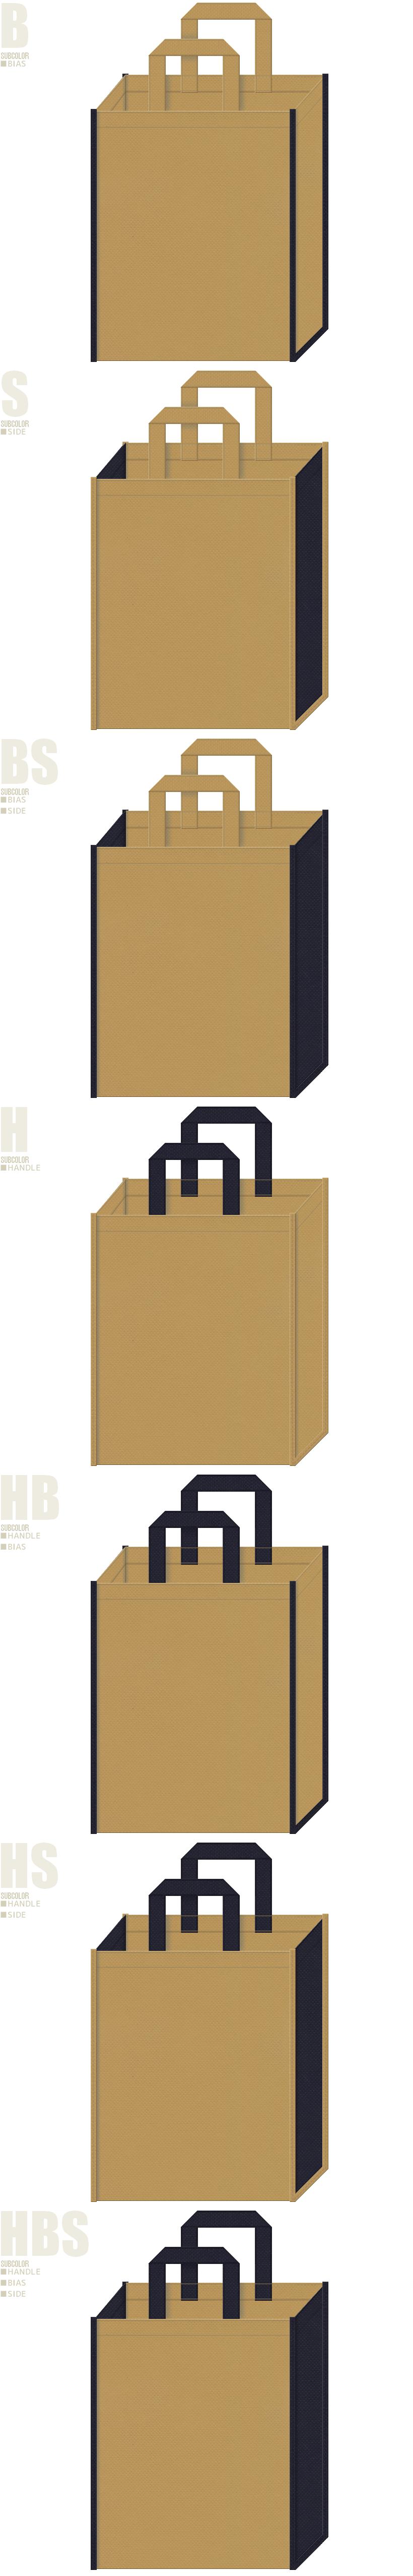 金色系黄土色と濃紺色、7パターンの不織布トートバッグ配色デザイン例。